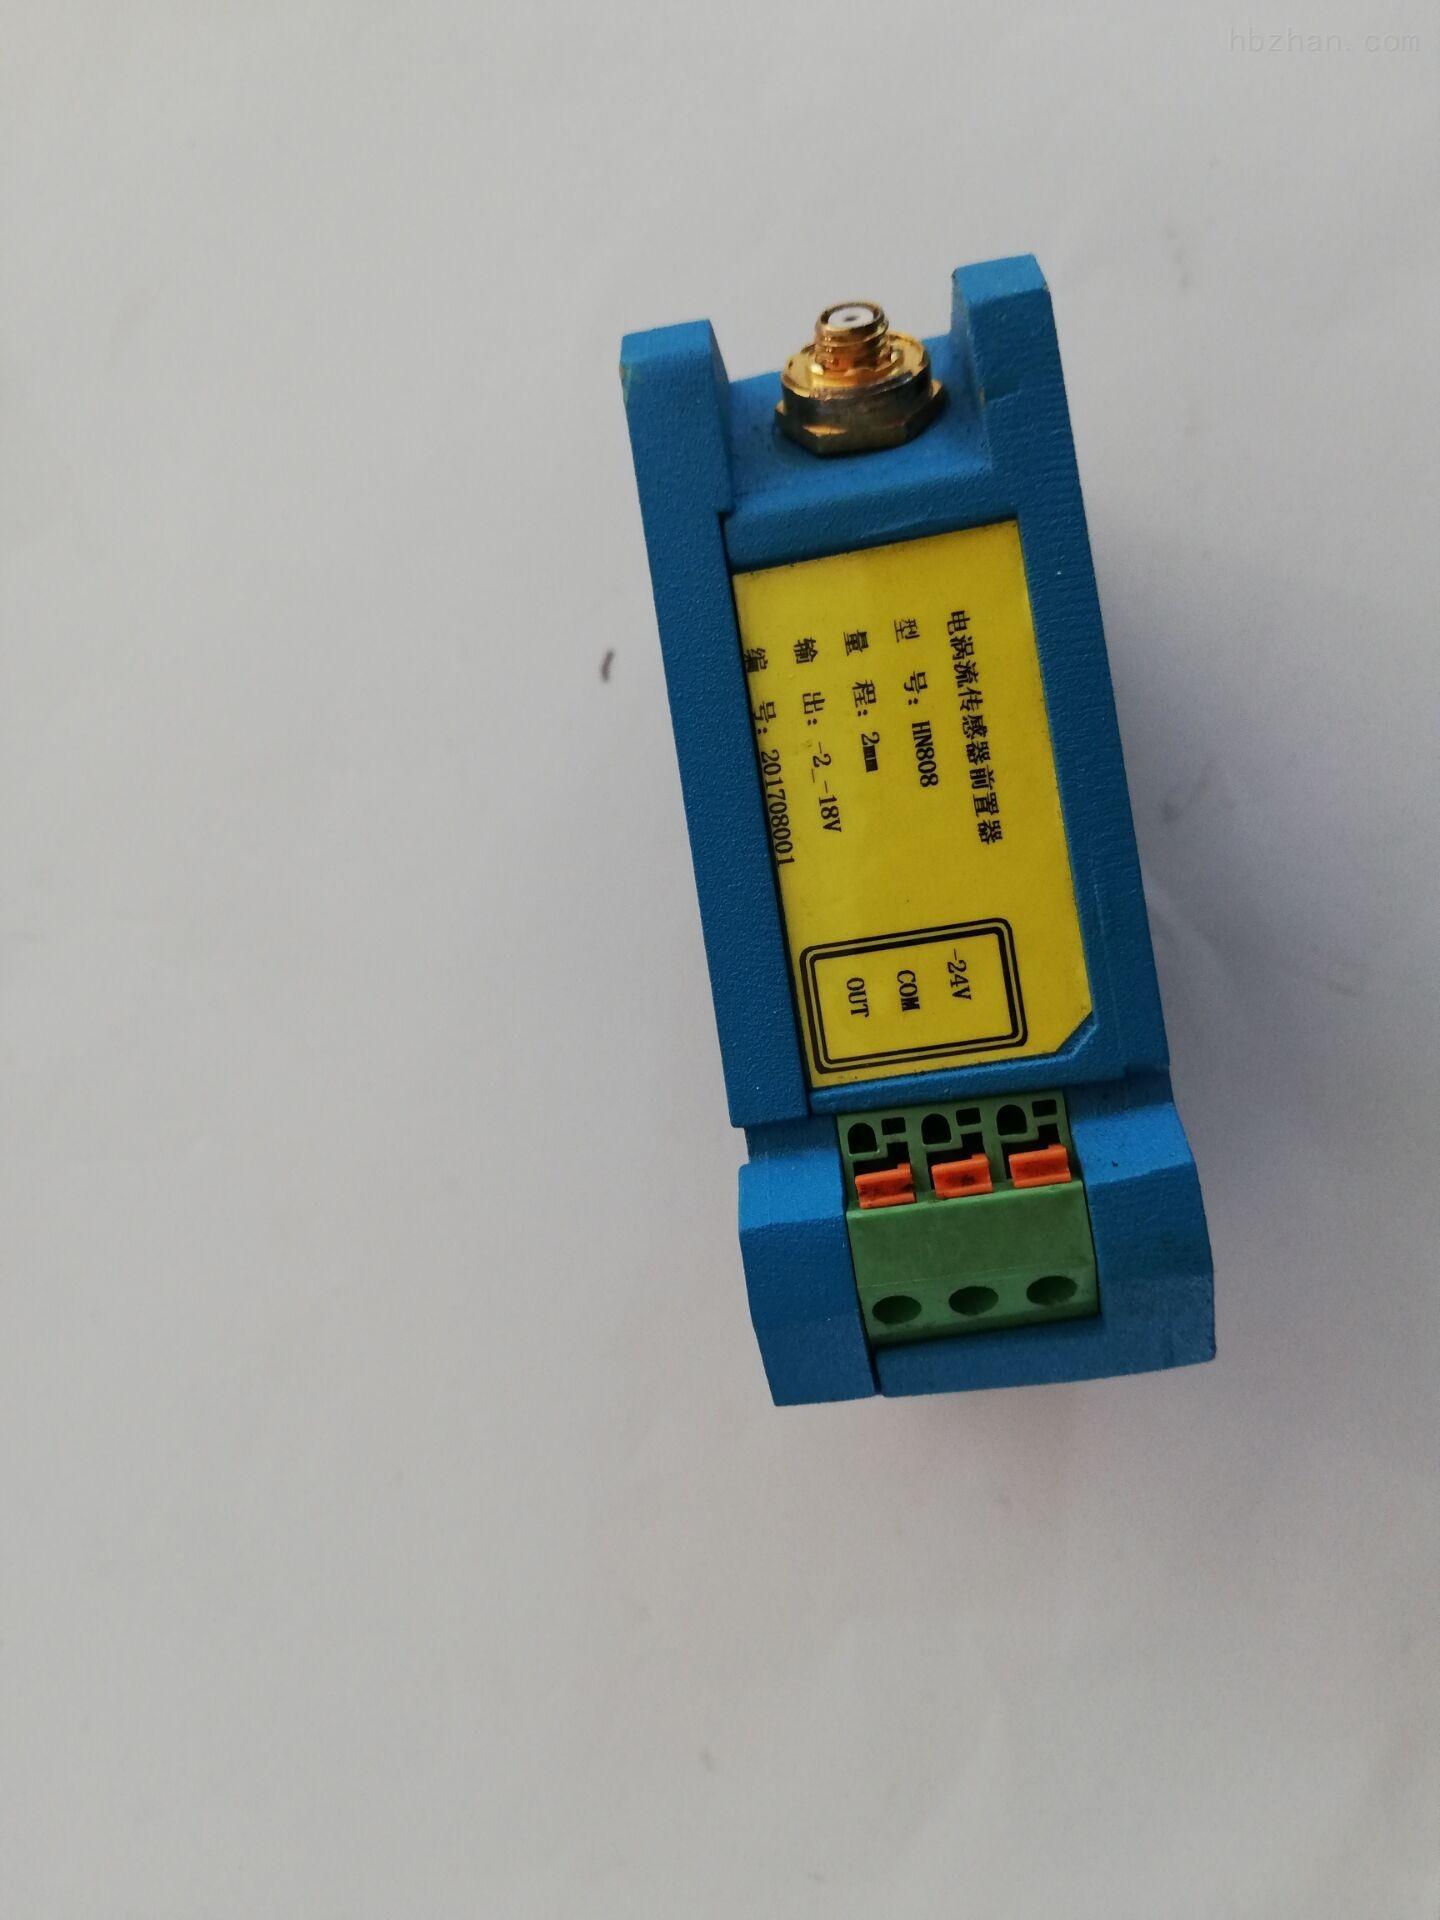 ZSB数字转速表(配套ZSB磁电式测速传感器)